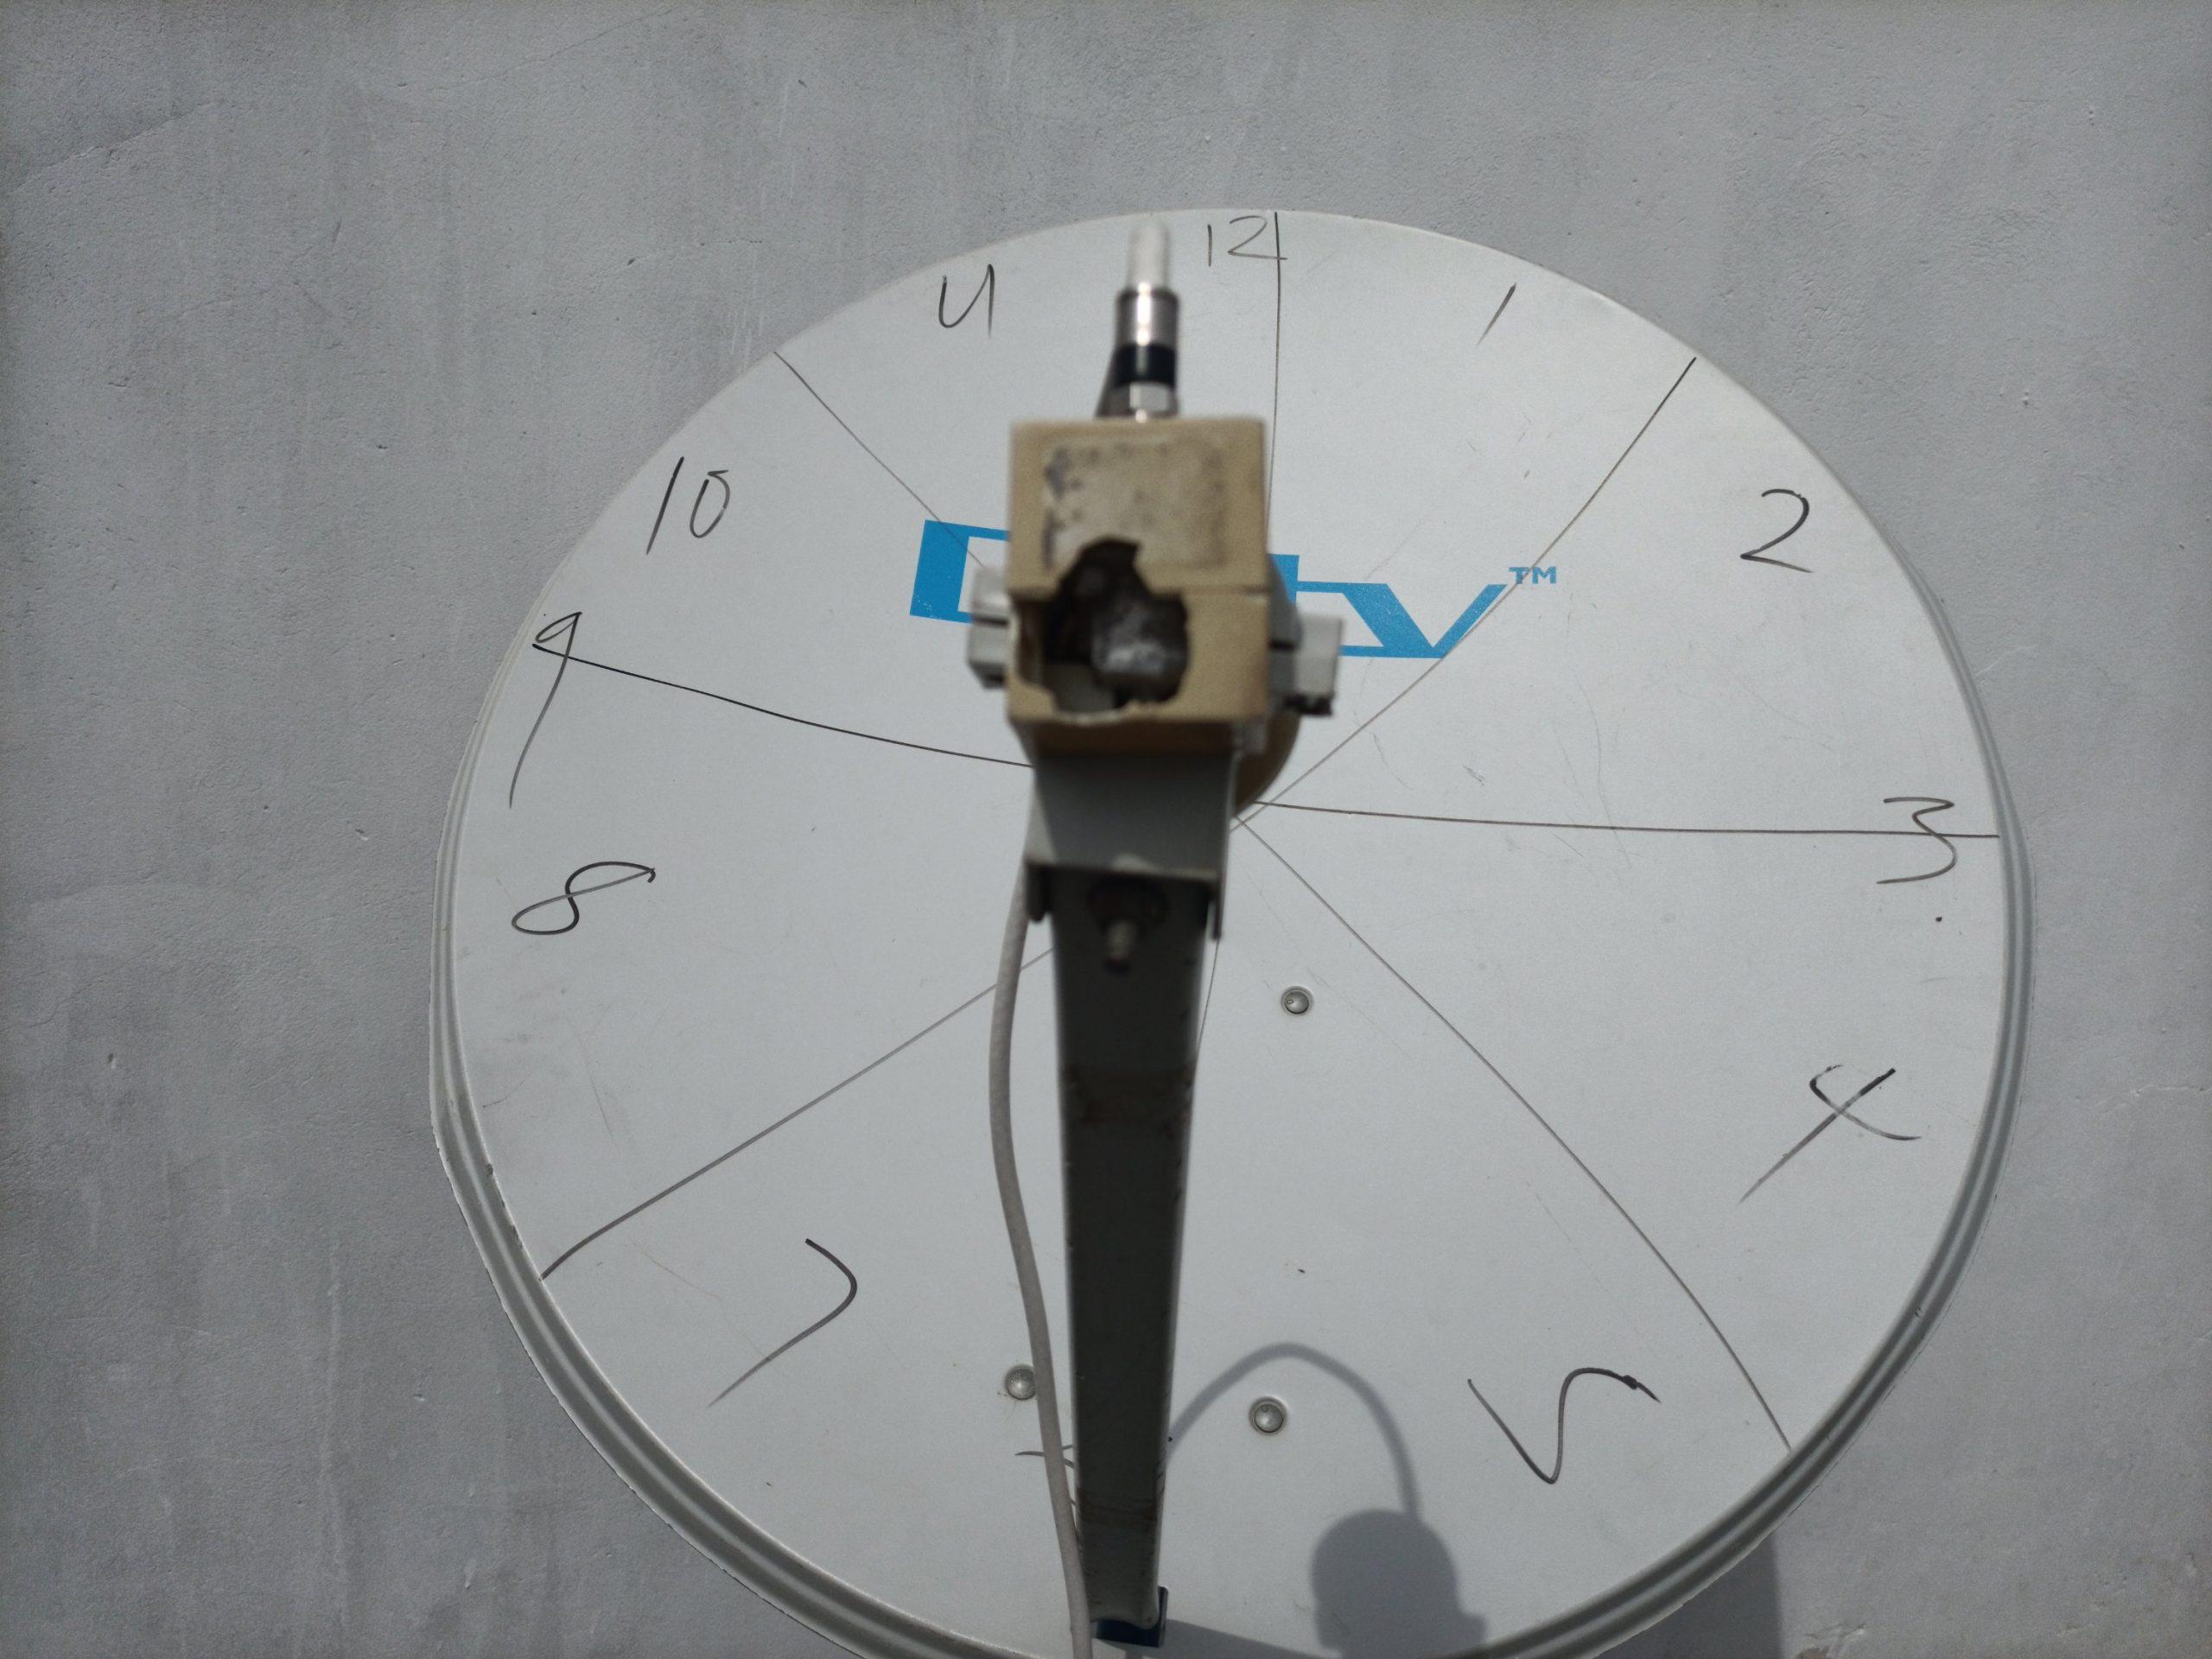 LNB skew 12 o'clock